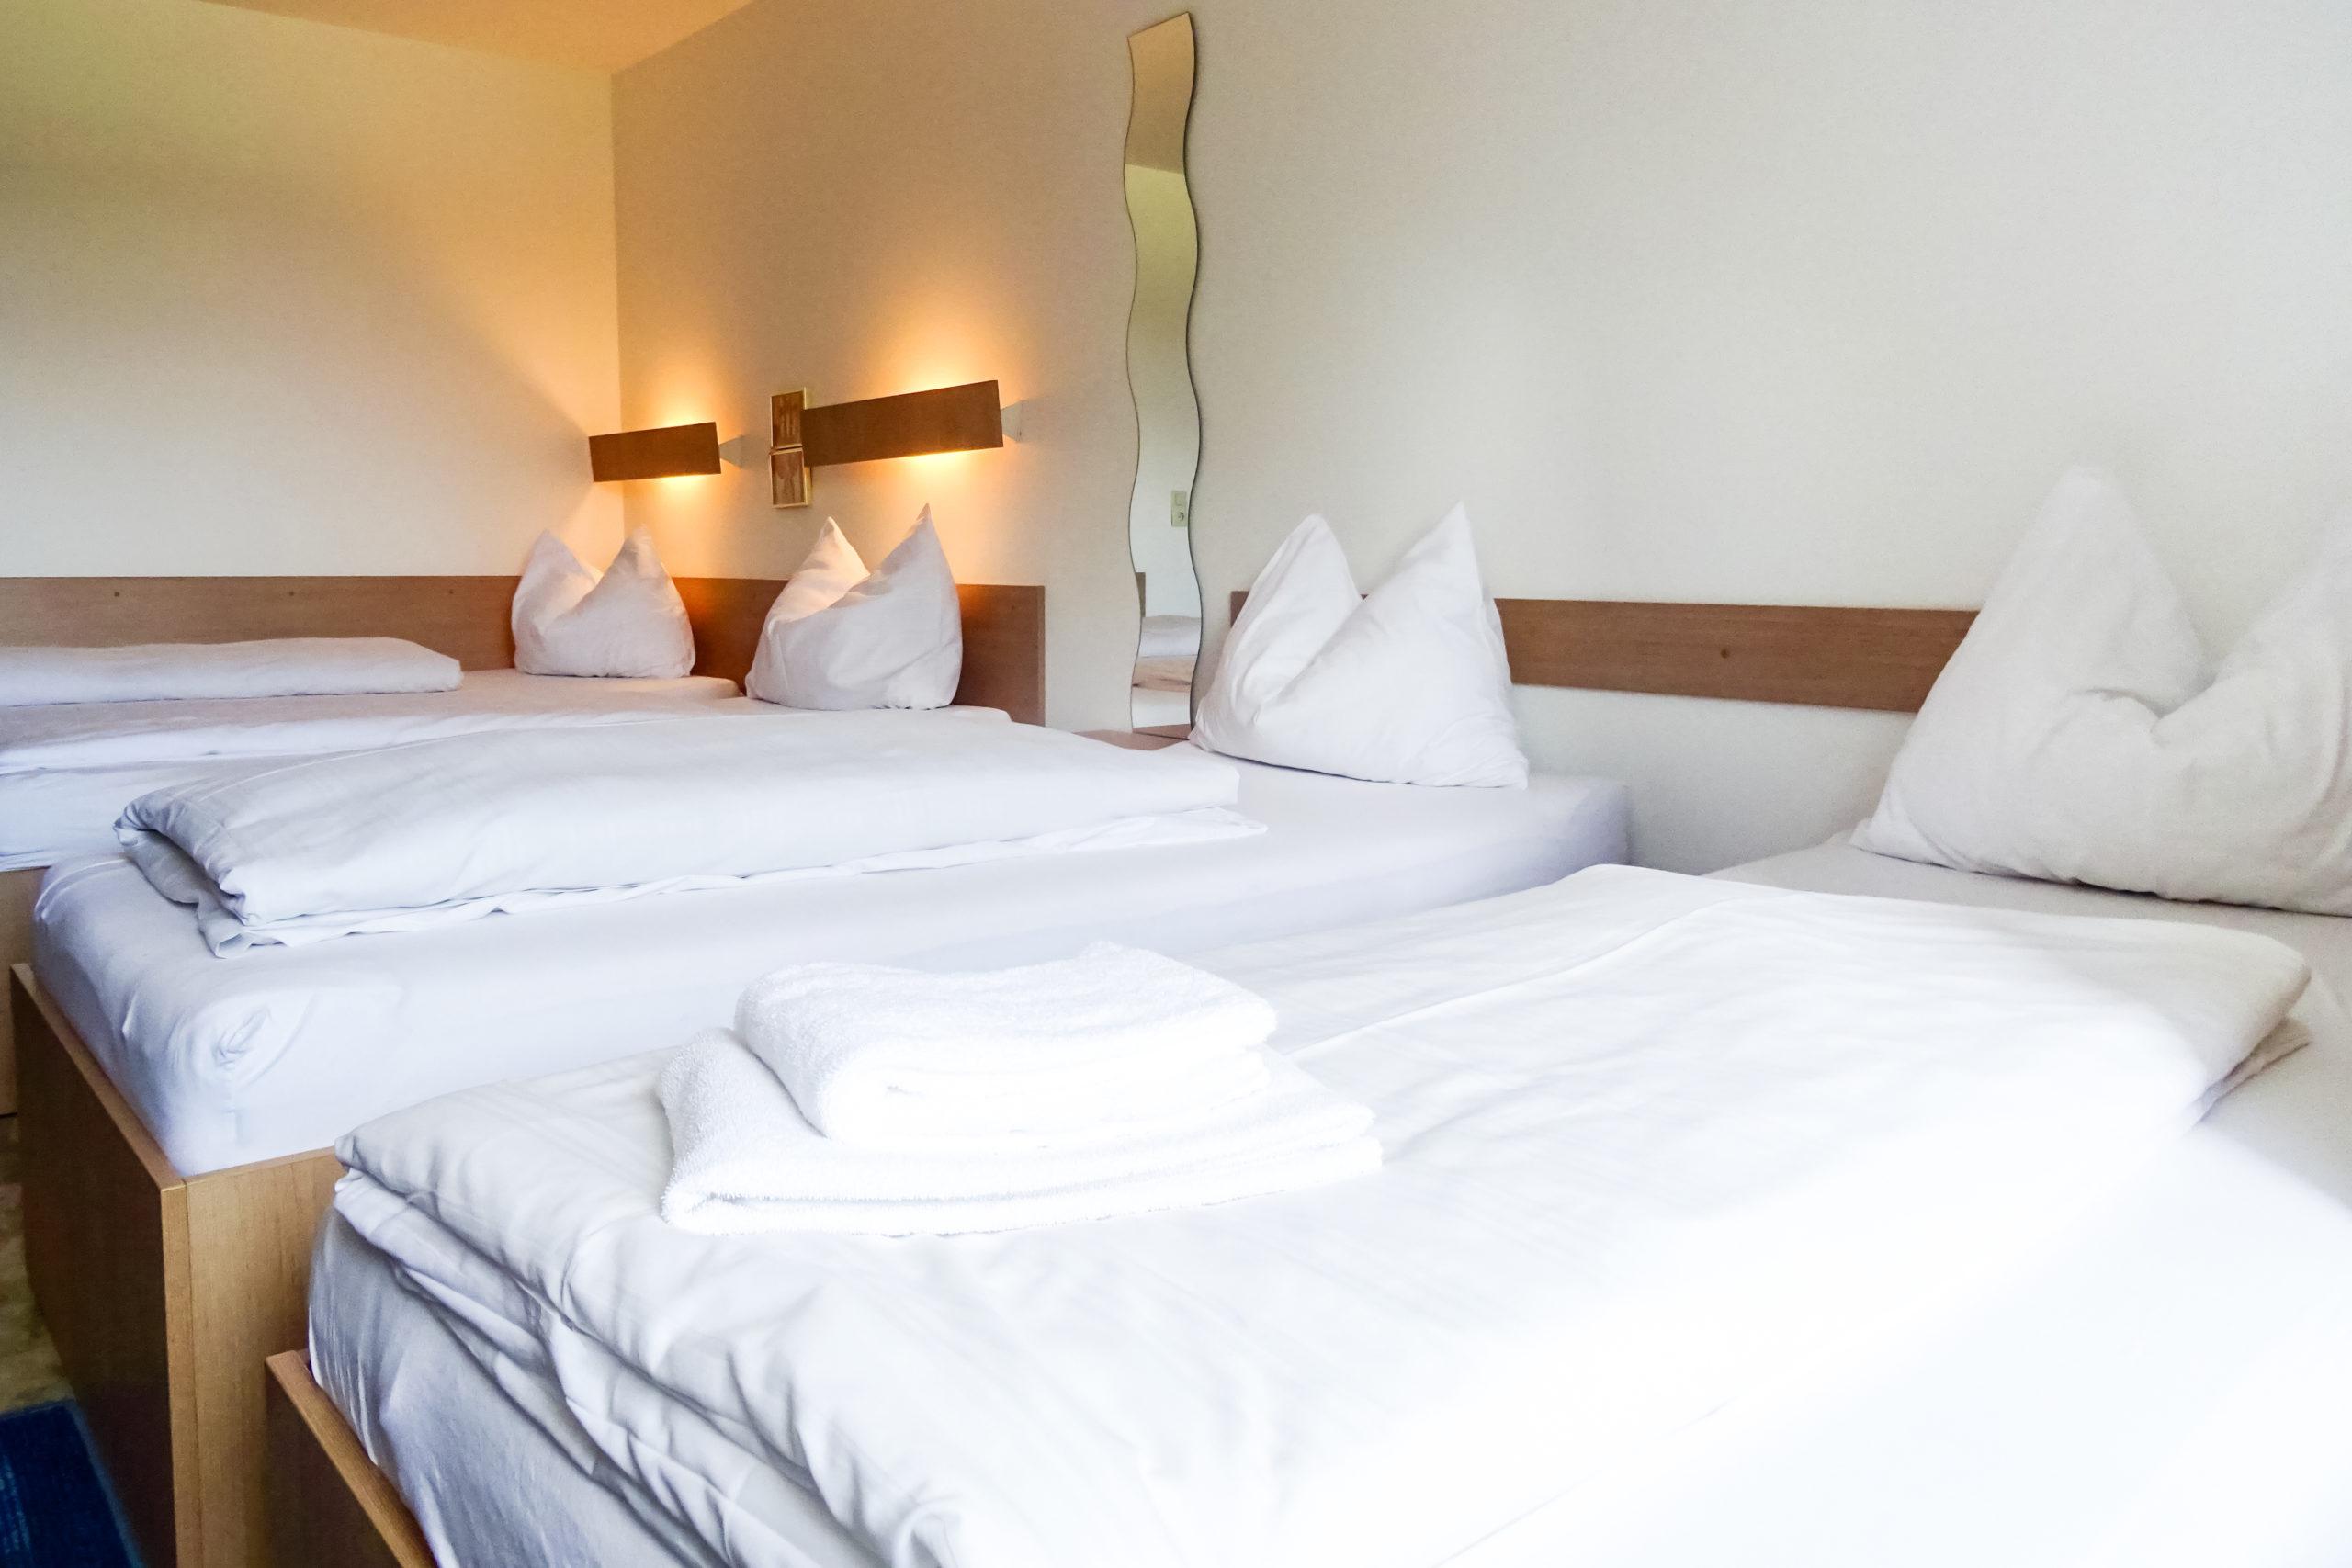 4-bett-zimmer-neuhaus-hotel